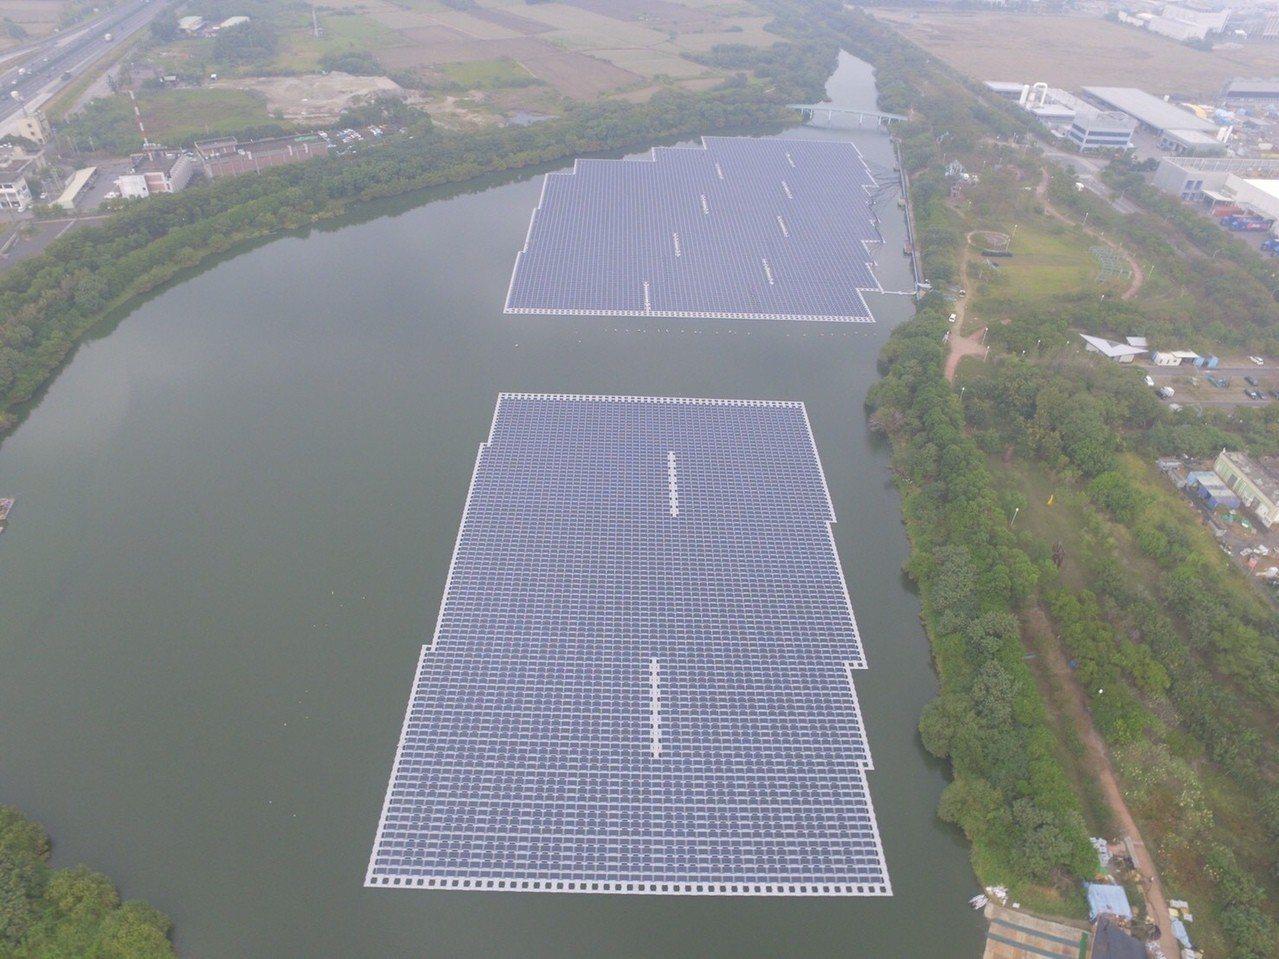 國內積極發展綠能,圖為台南新市樹谷園區內埤塘上方大片太陽能板。圖/台電提供